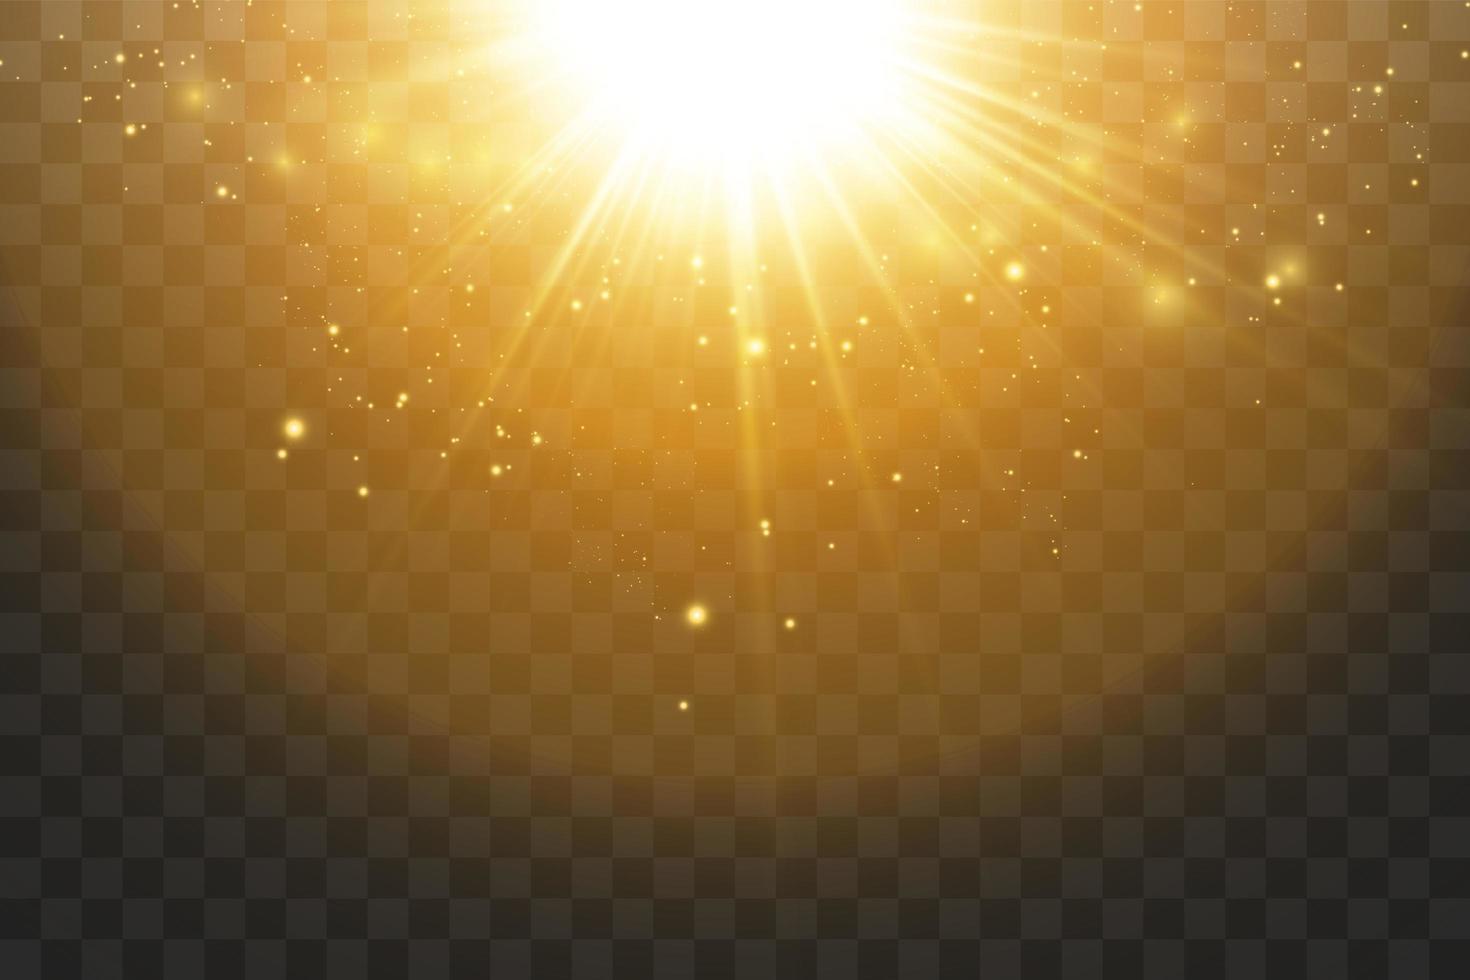 étoiles dorées brillantes et lumière parasite vecteur